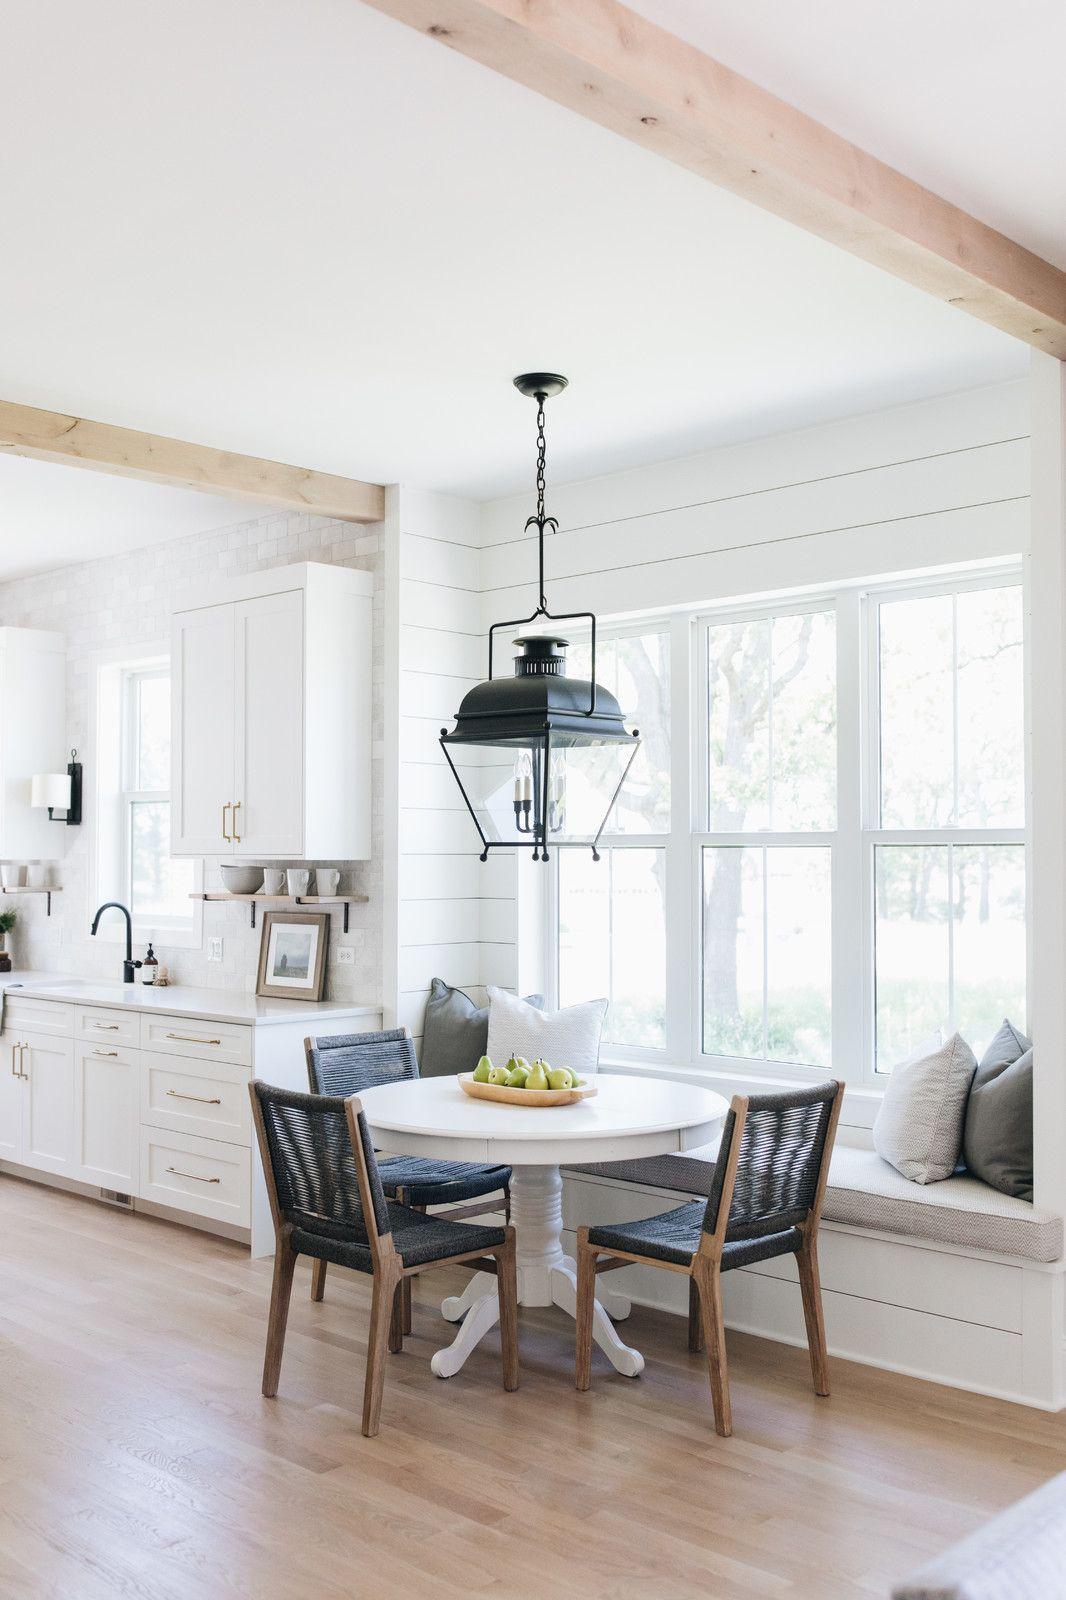 49 Farmhouse Kitchen Designs and Ideas #farmhousekitchencolors